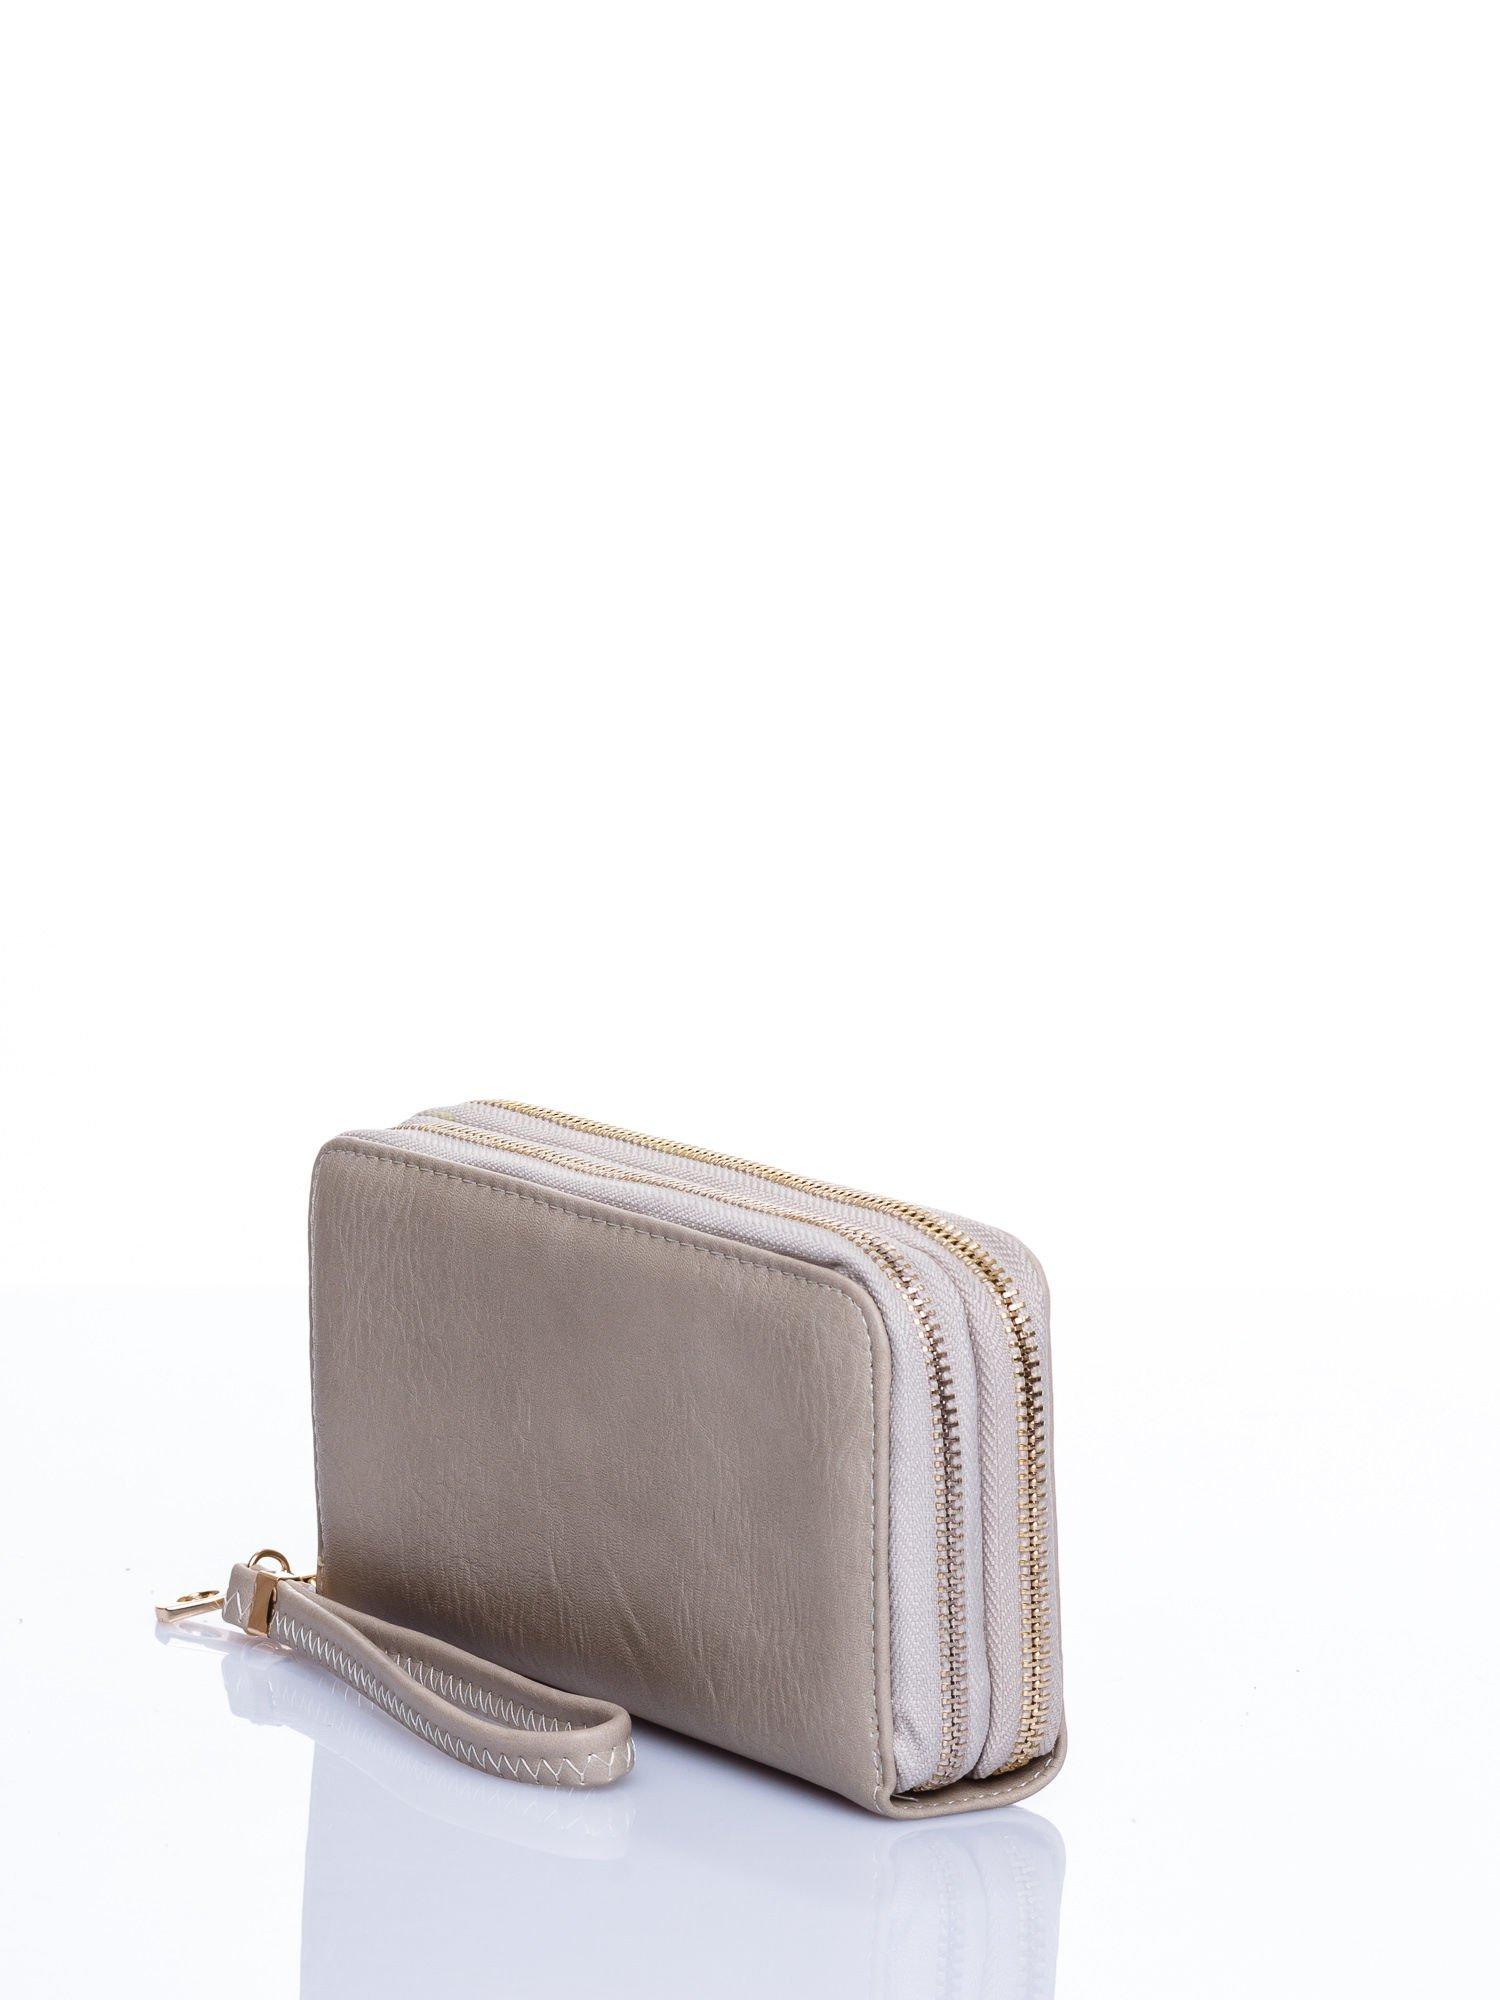 Beżowy matowy portfel z rączką                                  zdj.                                  2